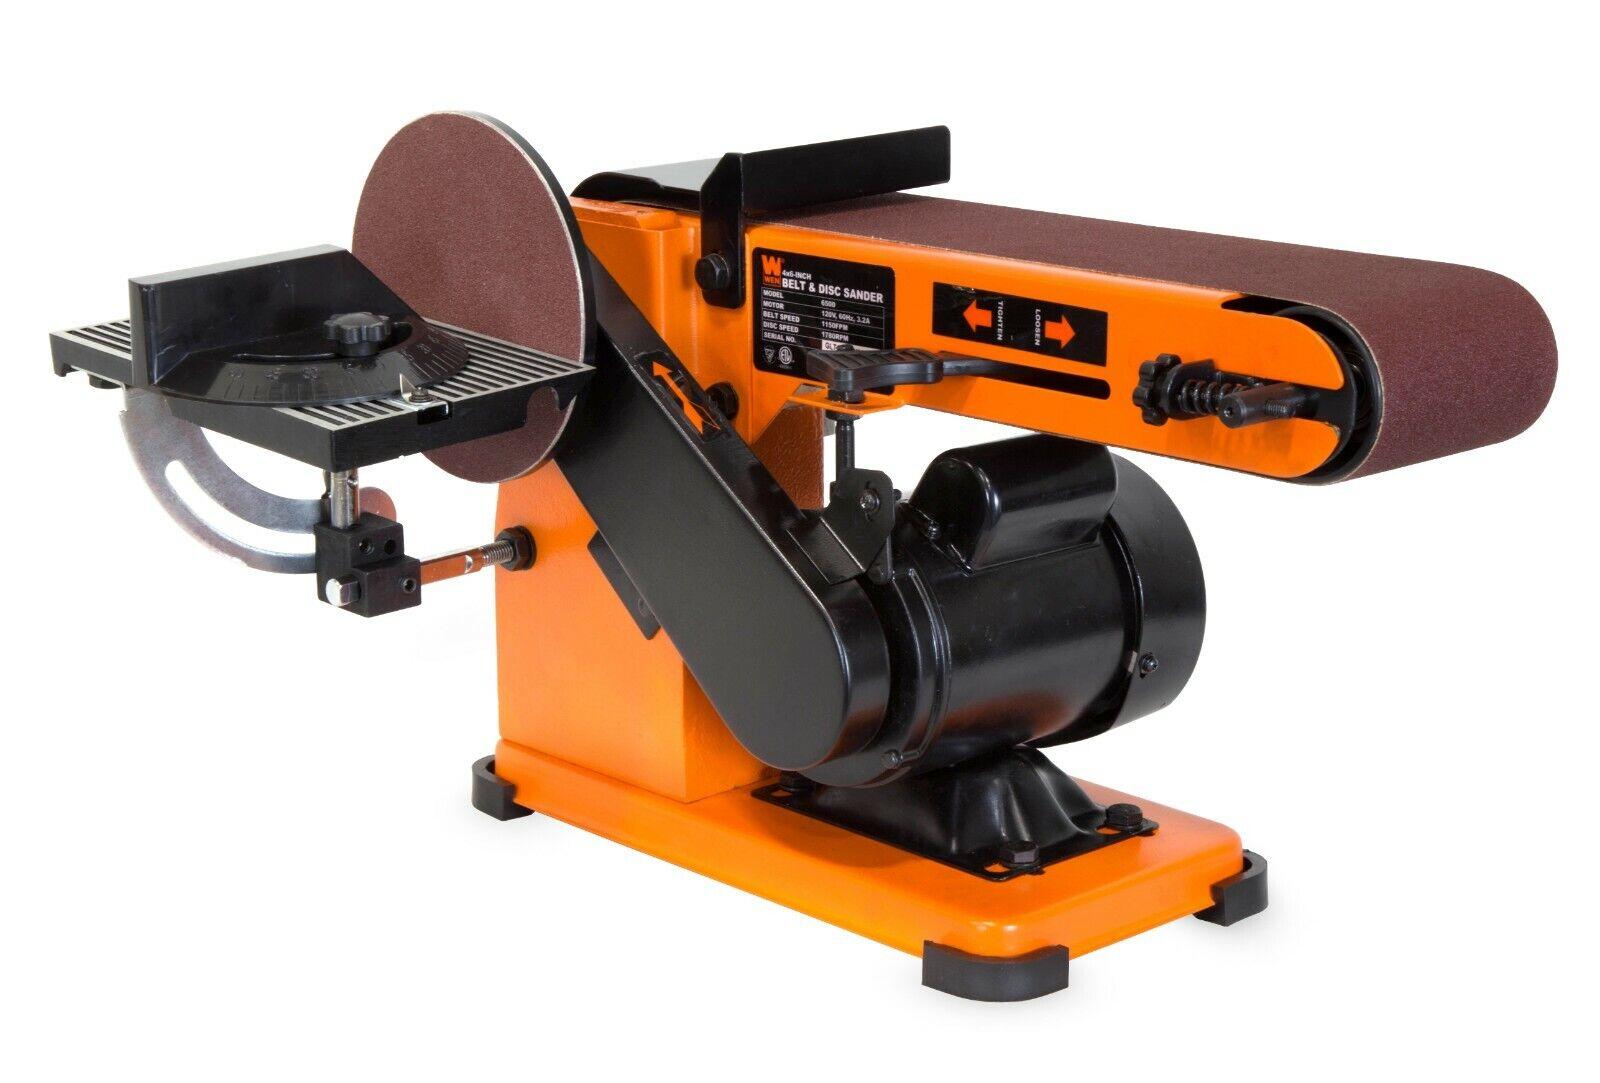 4 X 36 Inch Belt Disc Corded Sander Steel Base Lock On Switc